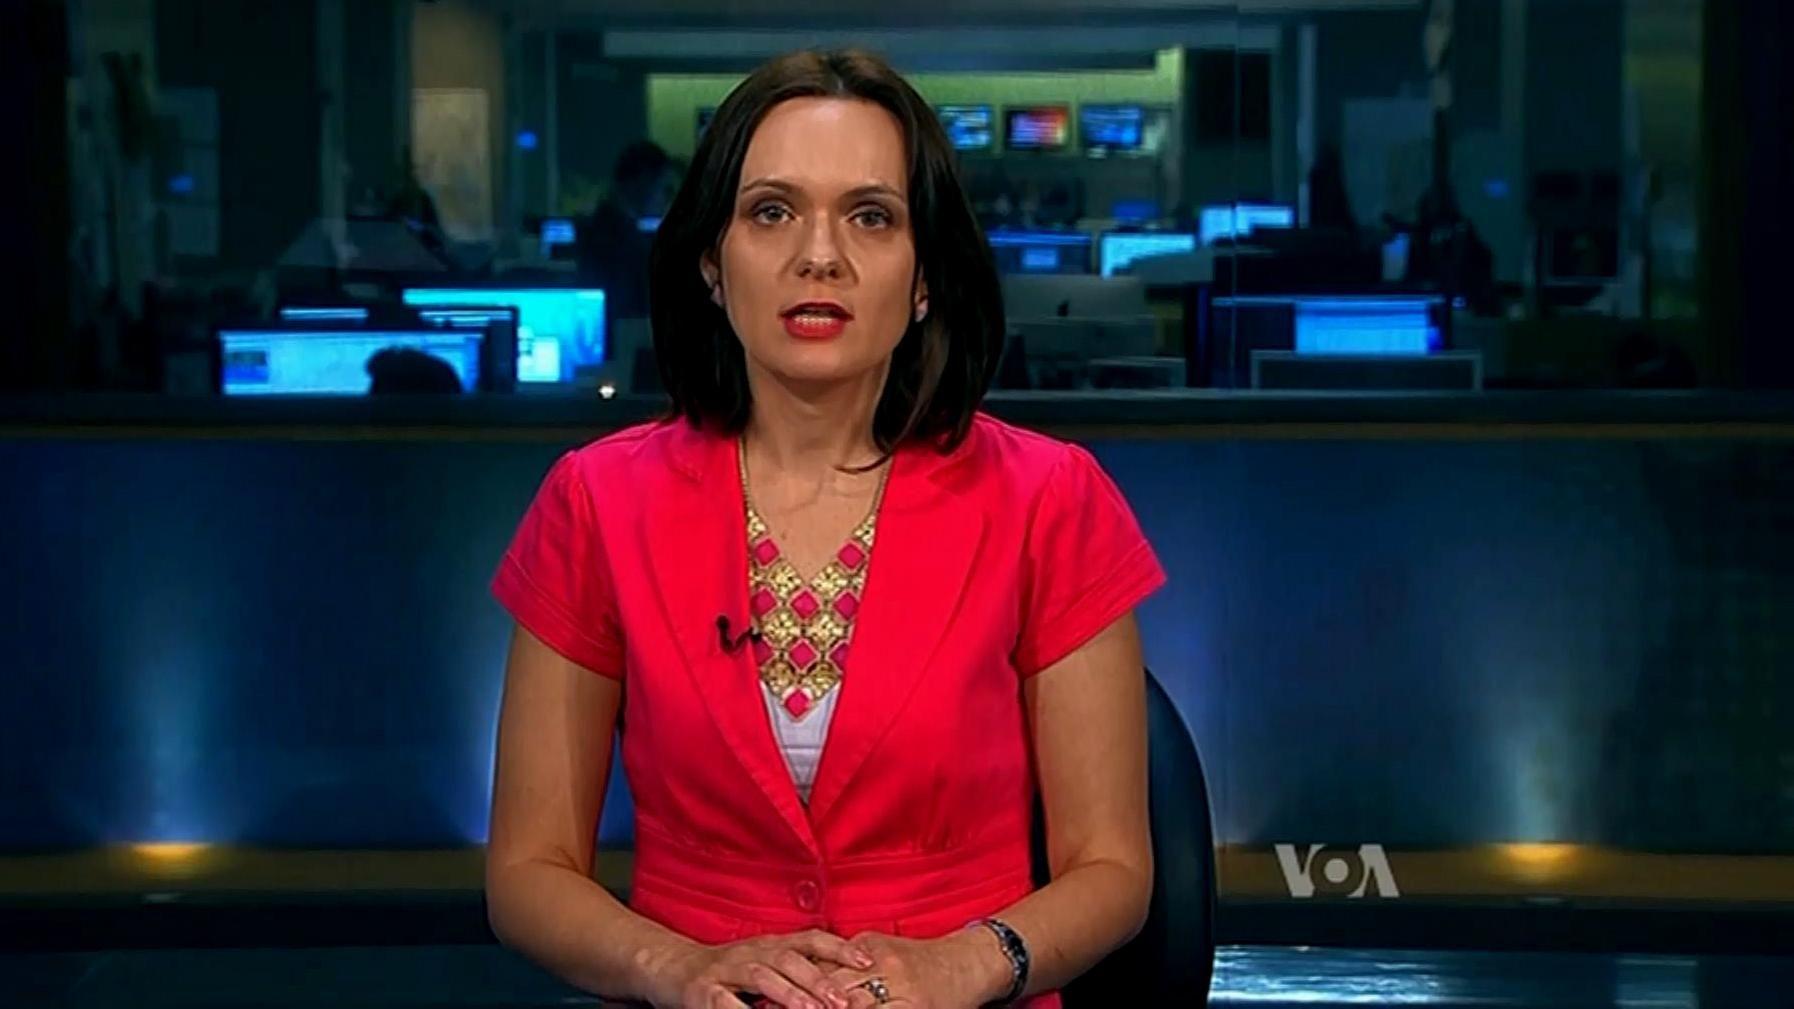 продолжалось голос америки о ситуации на украине наводящего видео используется